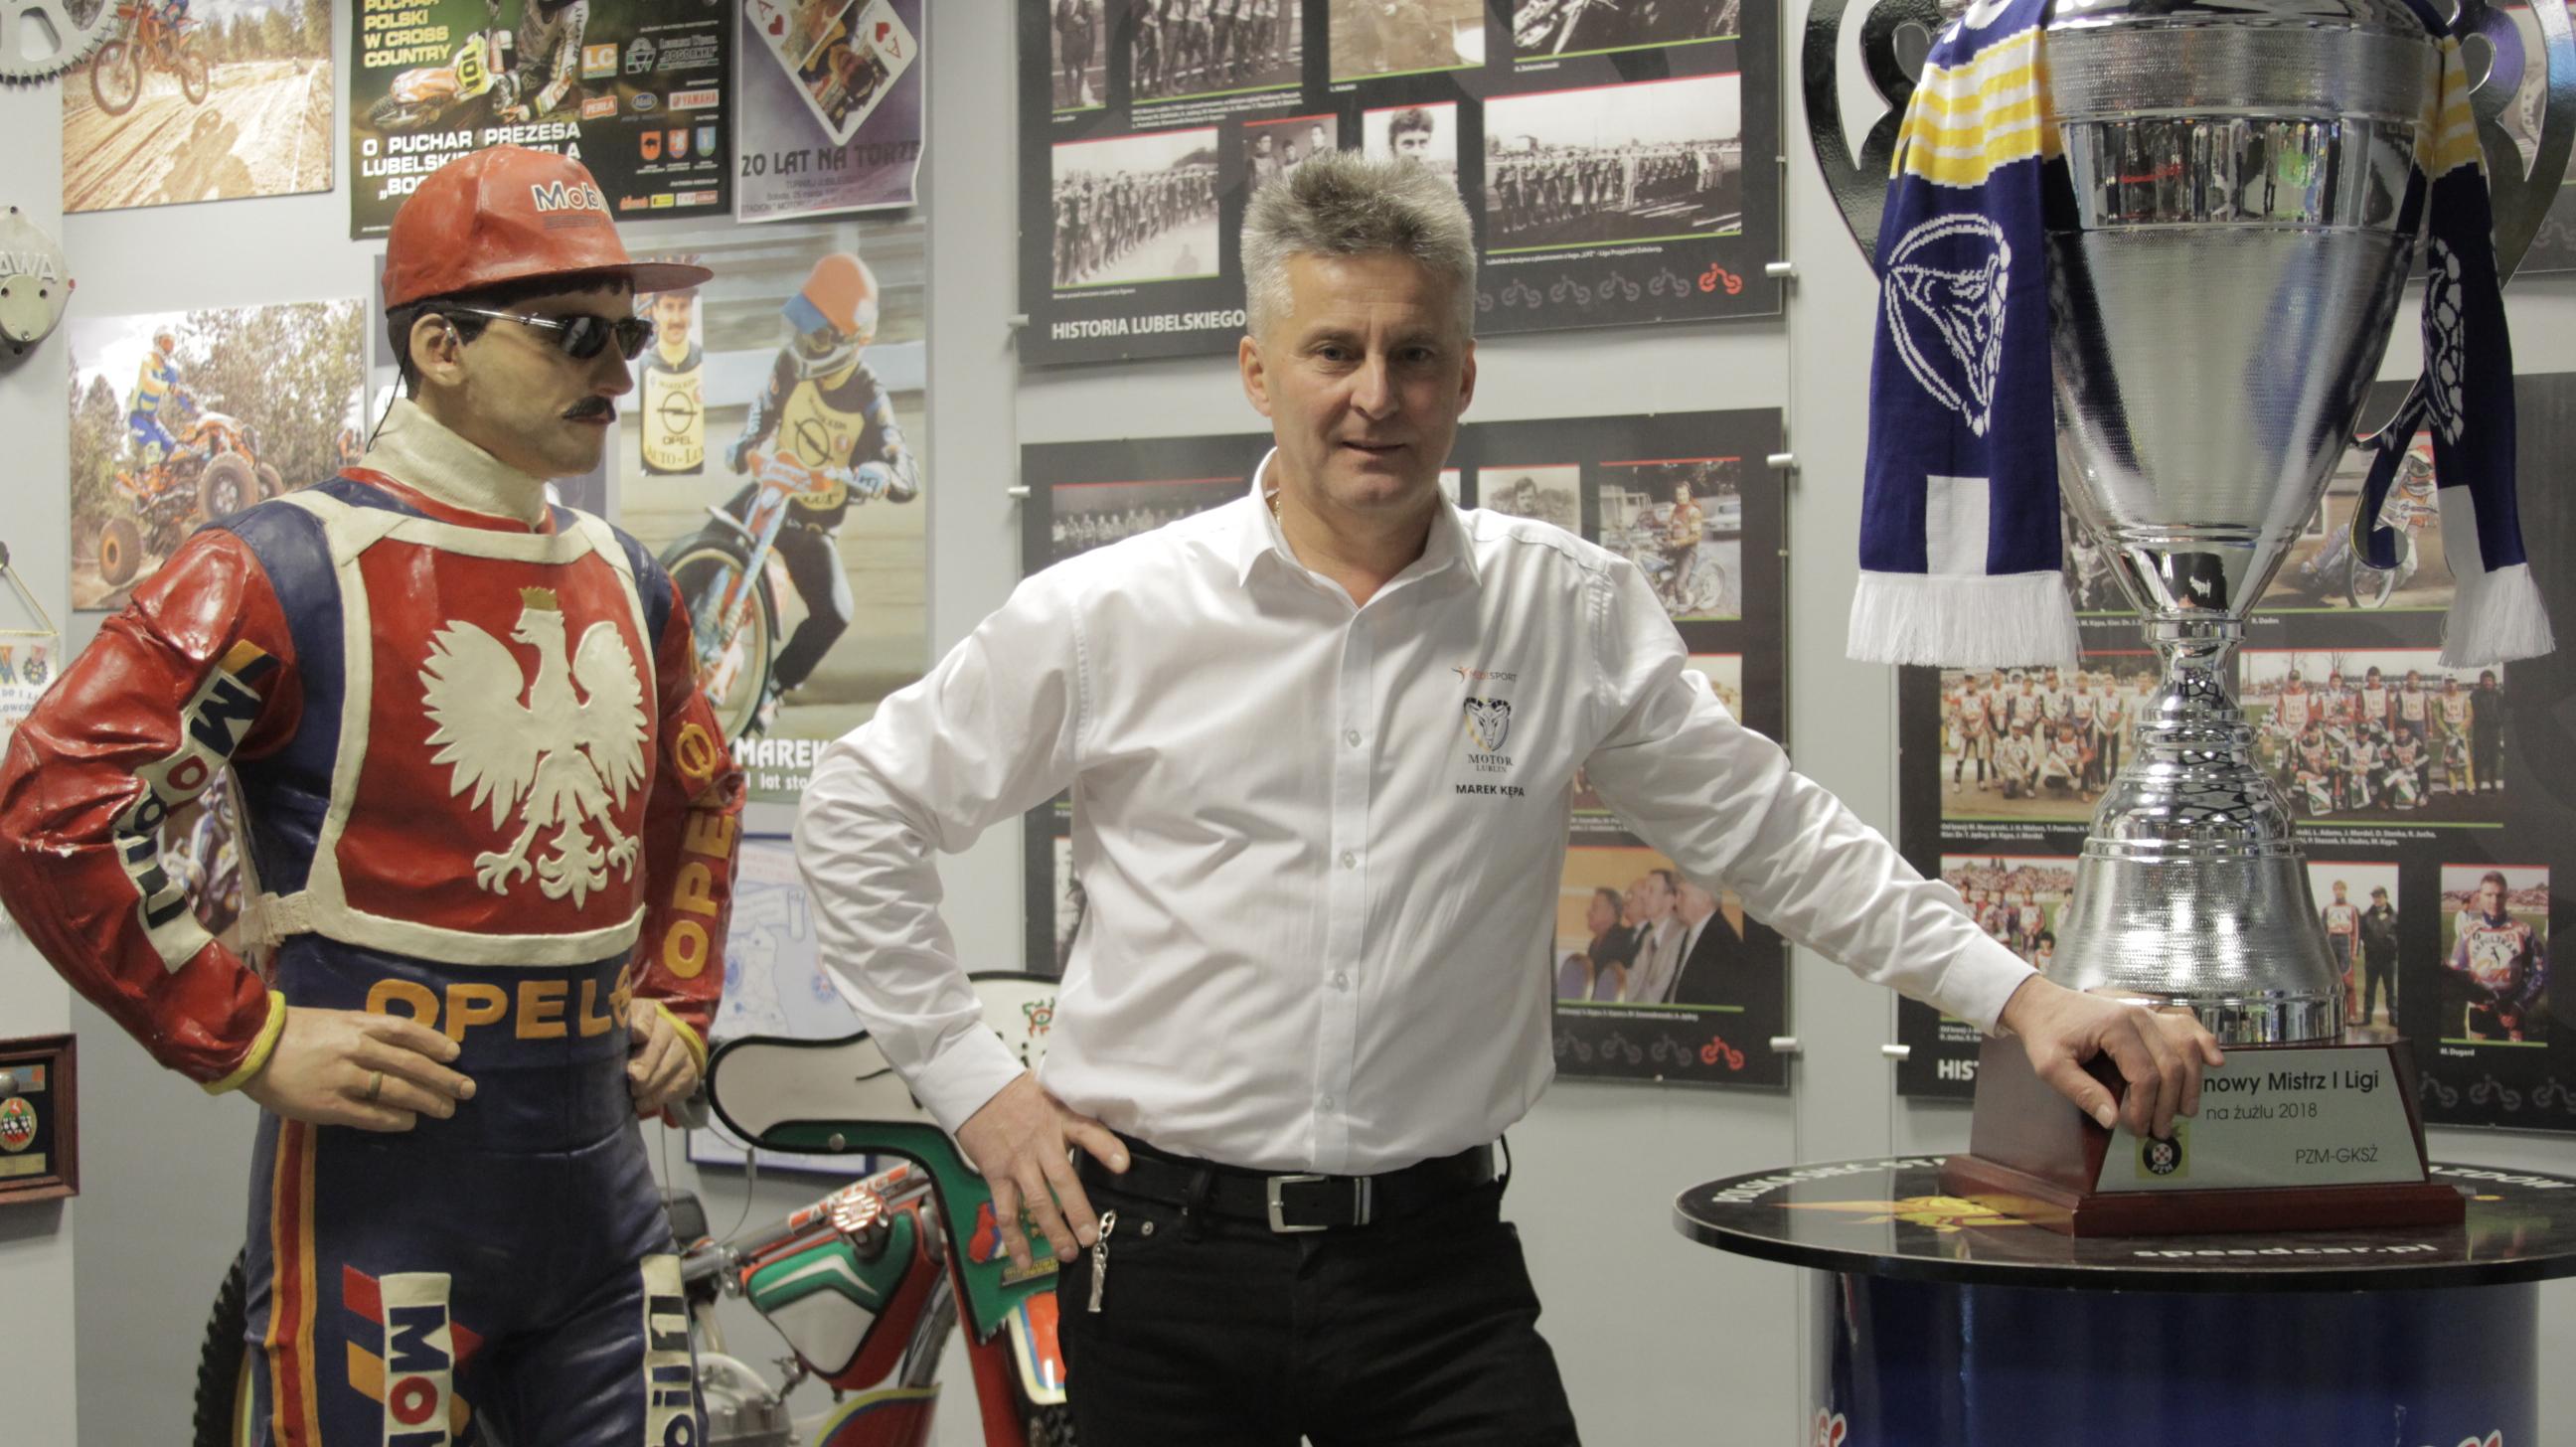 Z Kroniki Lubelskiego Sportu #1: Wywiad z Markiem Kępą